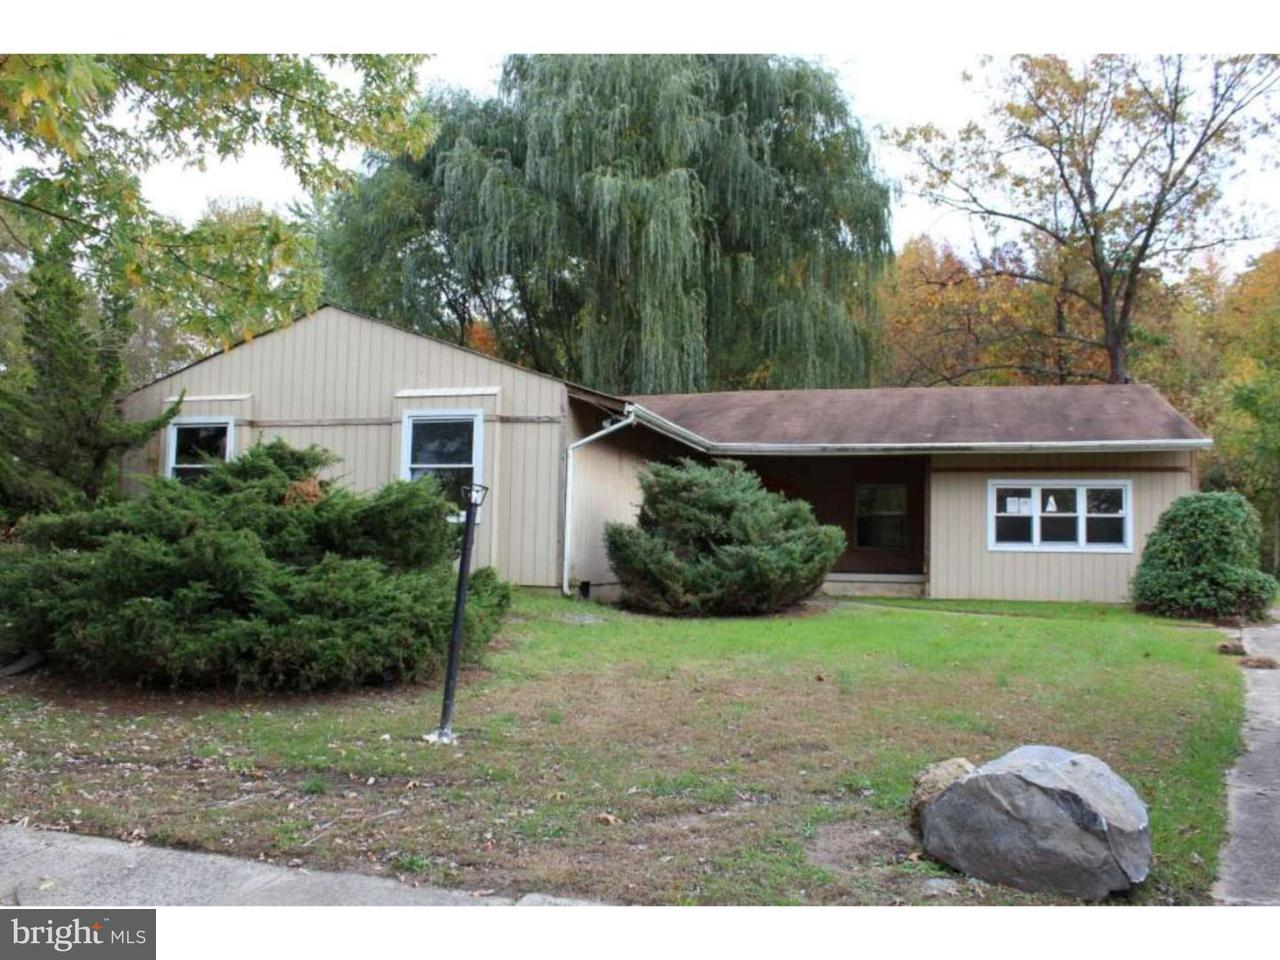 Частный односемейный дом для того Продажа на 373 JOHN F KENNEDY BLVD Lawnside, Нью-Джерси 08045 Соединенные Штаты